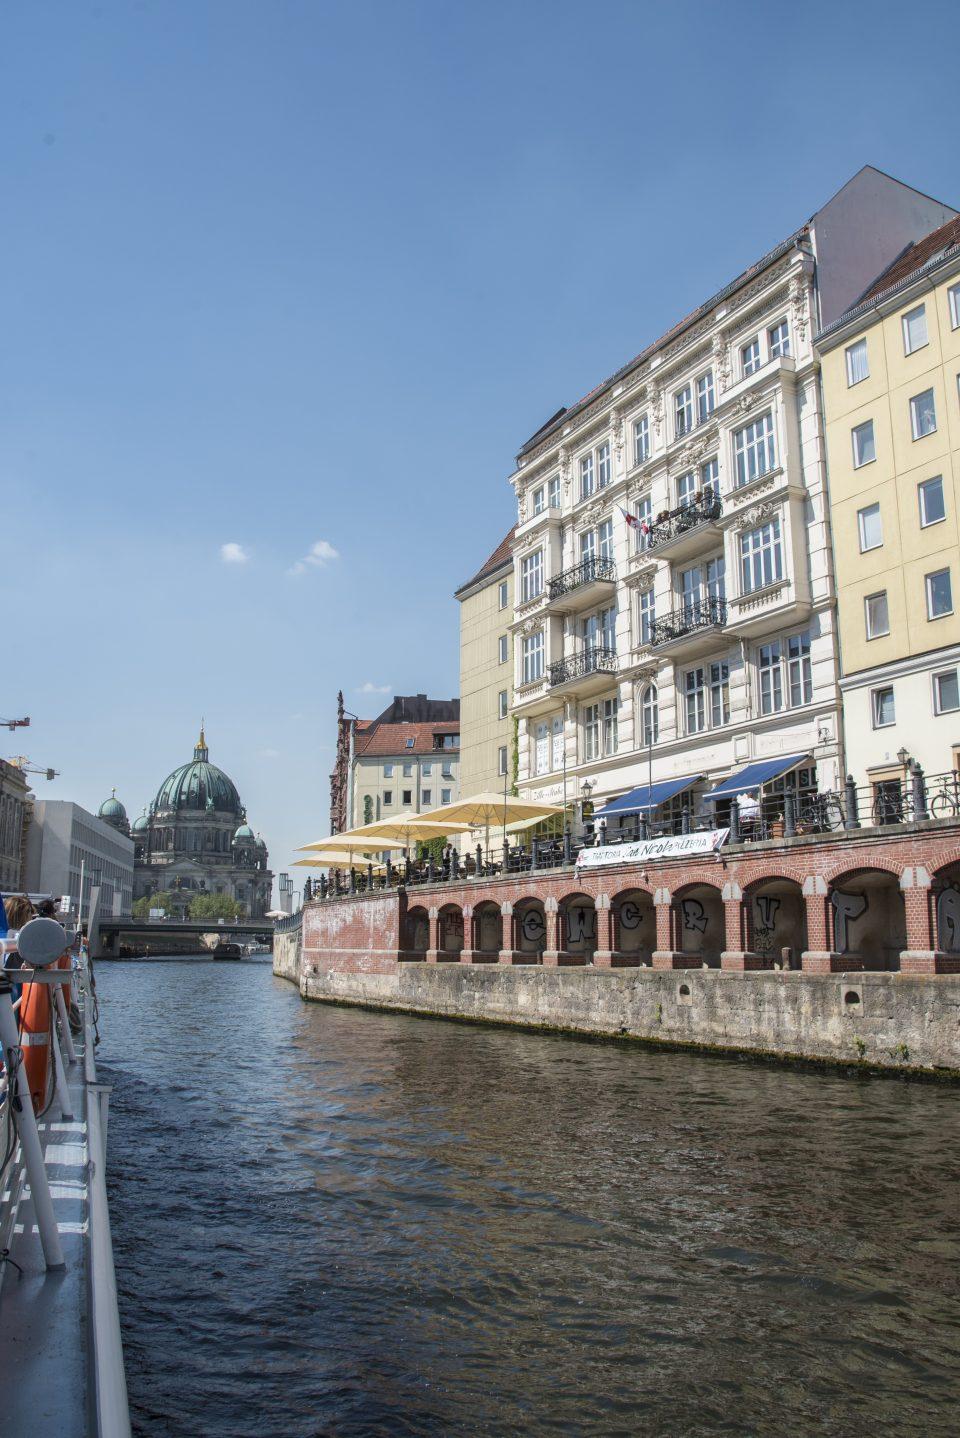 Giro in barca - Berlino - Visitare Berlino - Istanti in viaggio